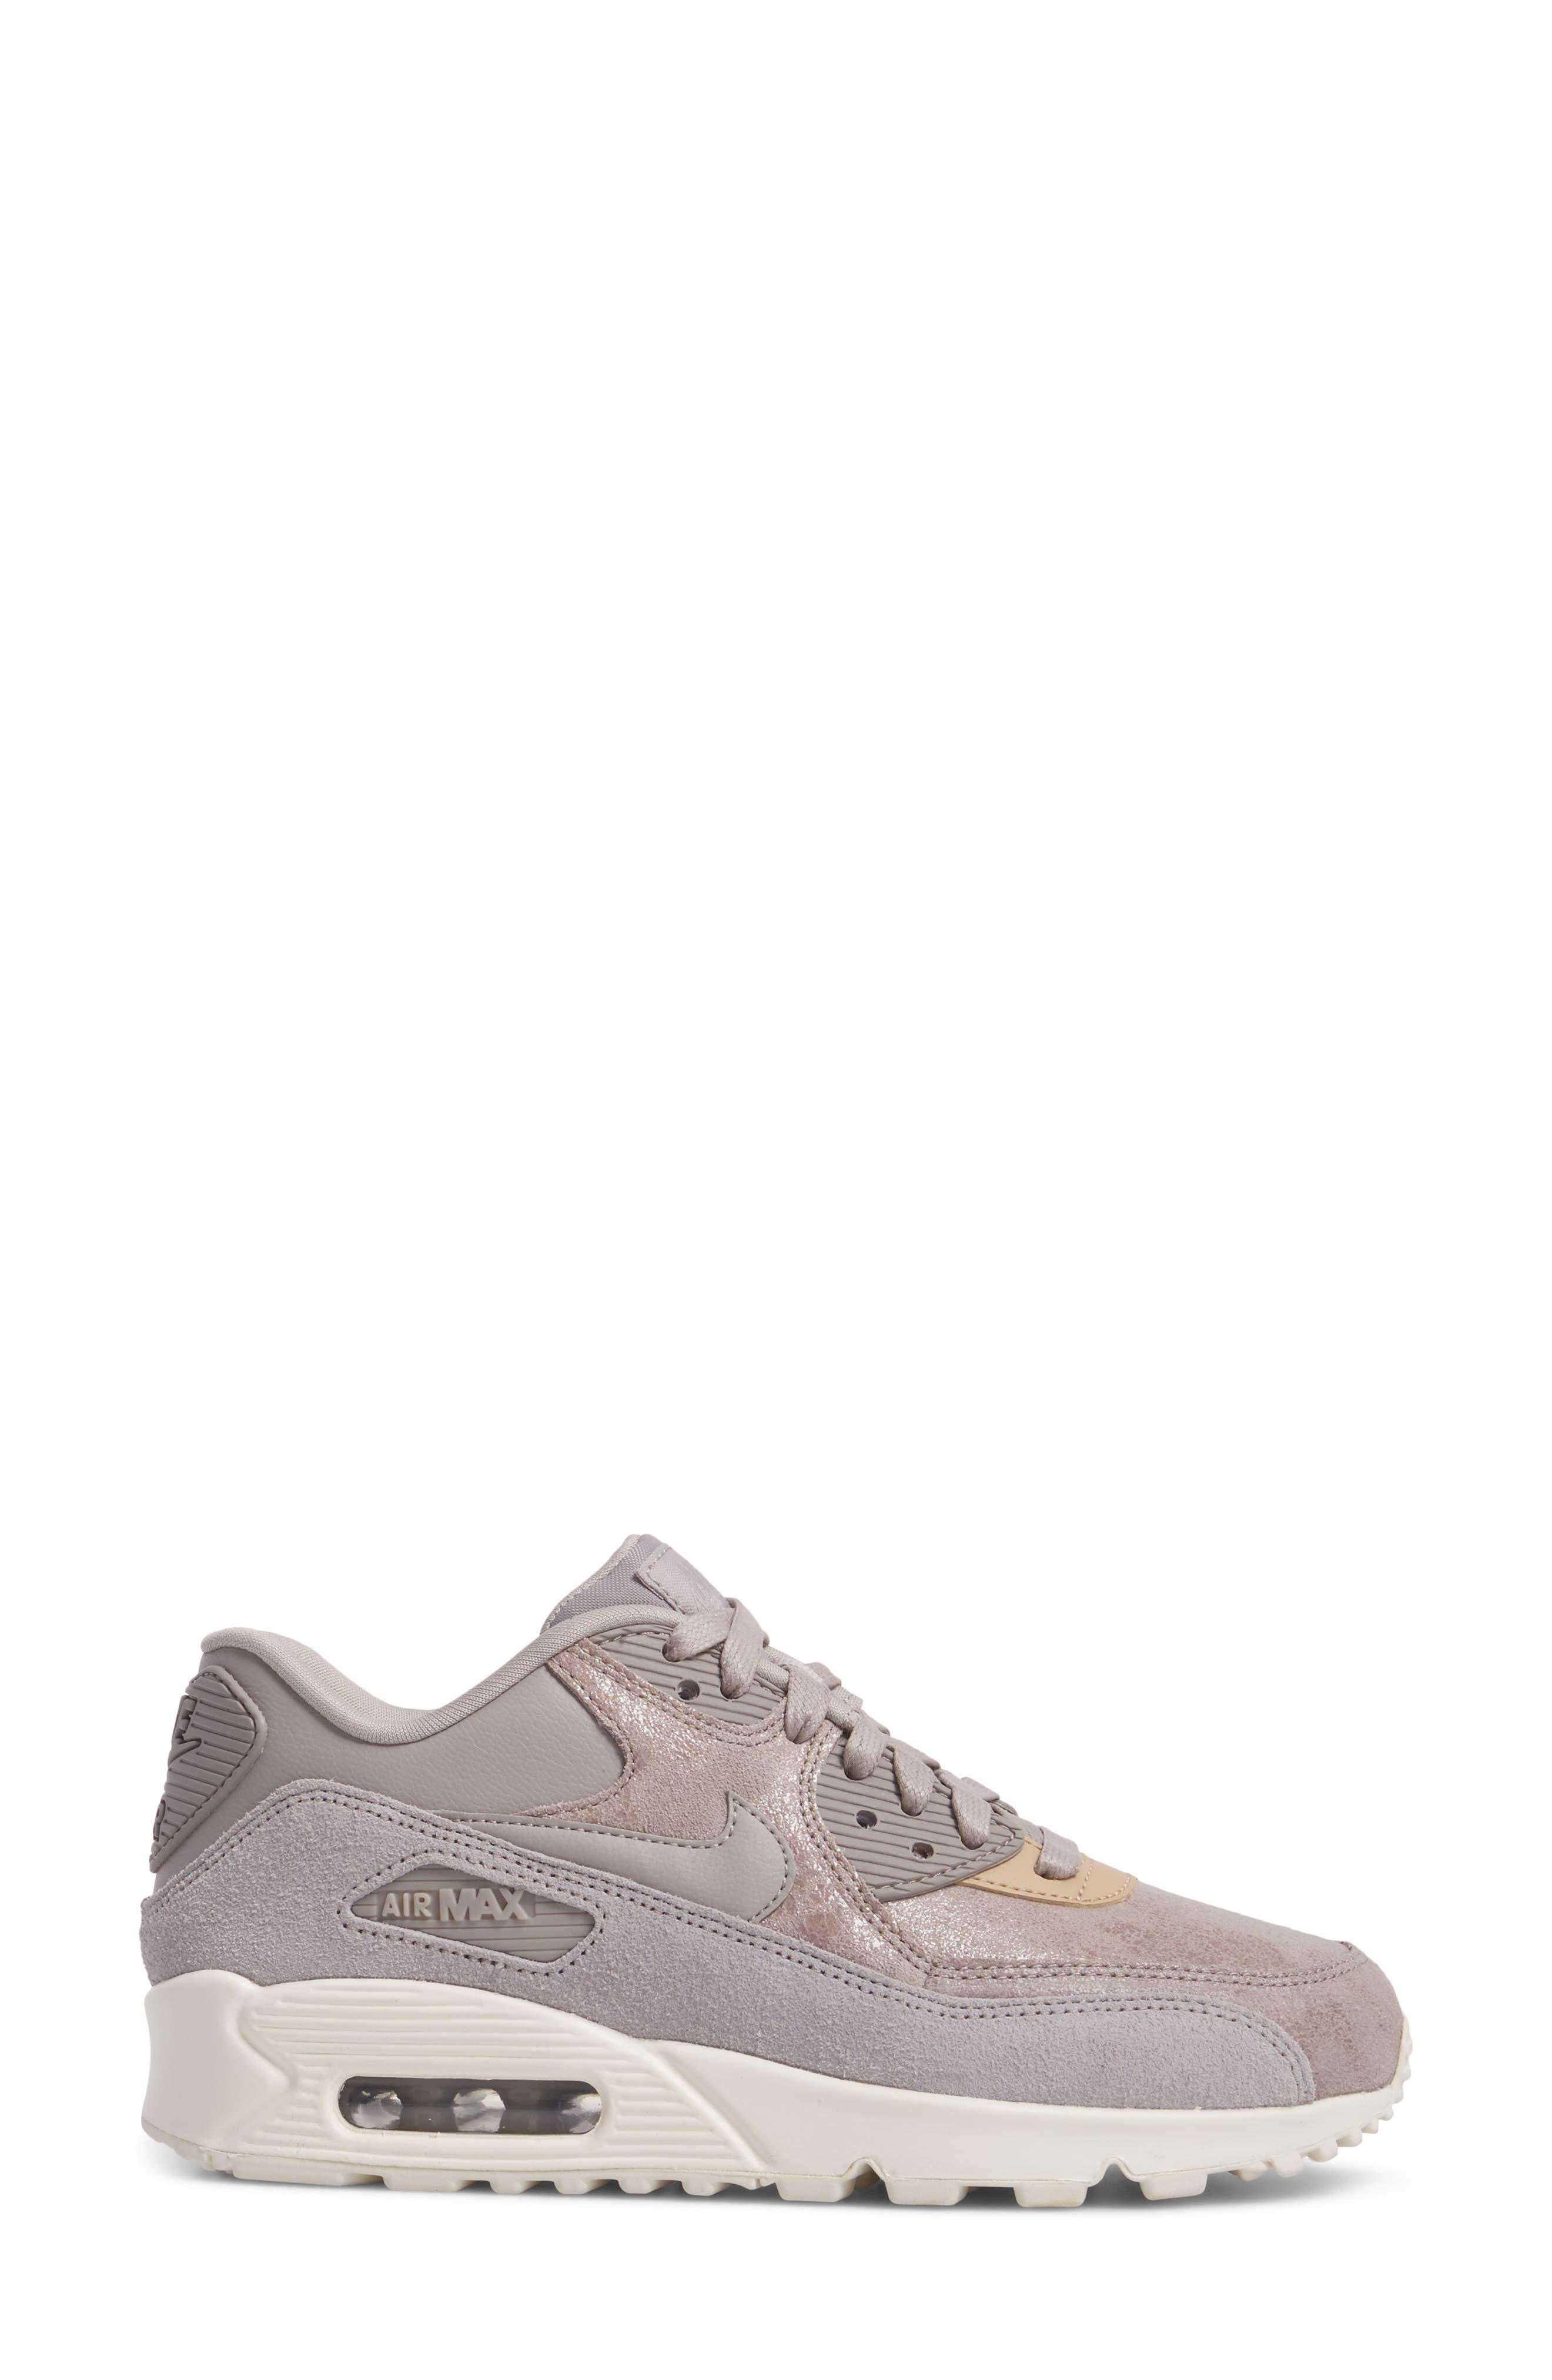 Air Max 90 Premium Sneaker,                             Alternate thumbnail 3, color,                             020